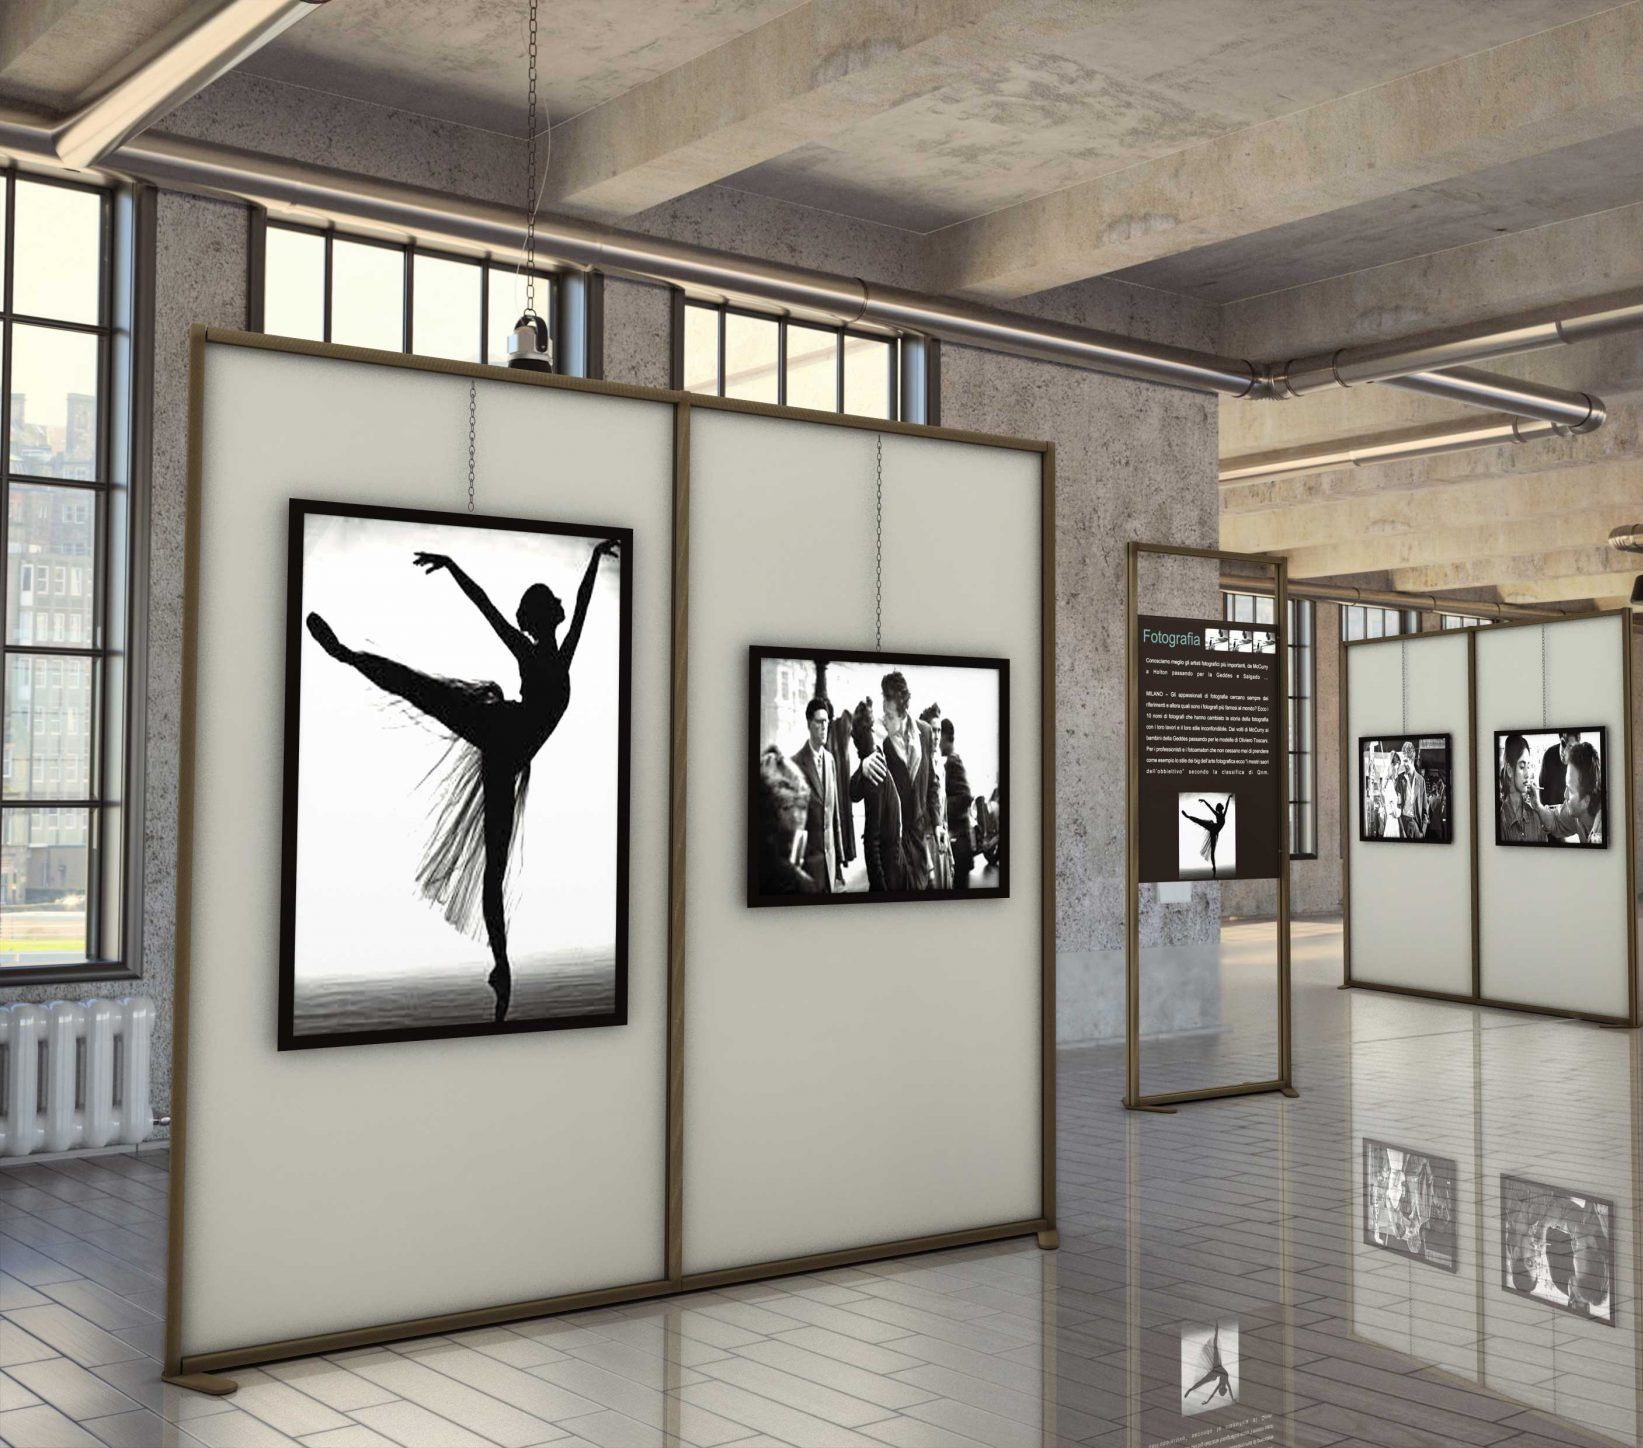 Favorito Pannelli espositivi modulari per allestimento mostra e museo  MG87